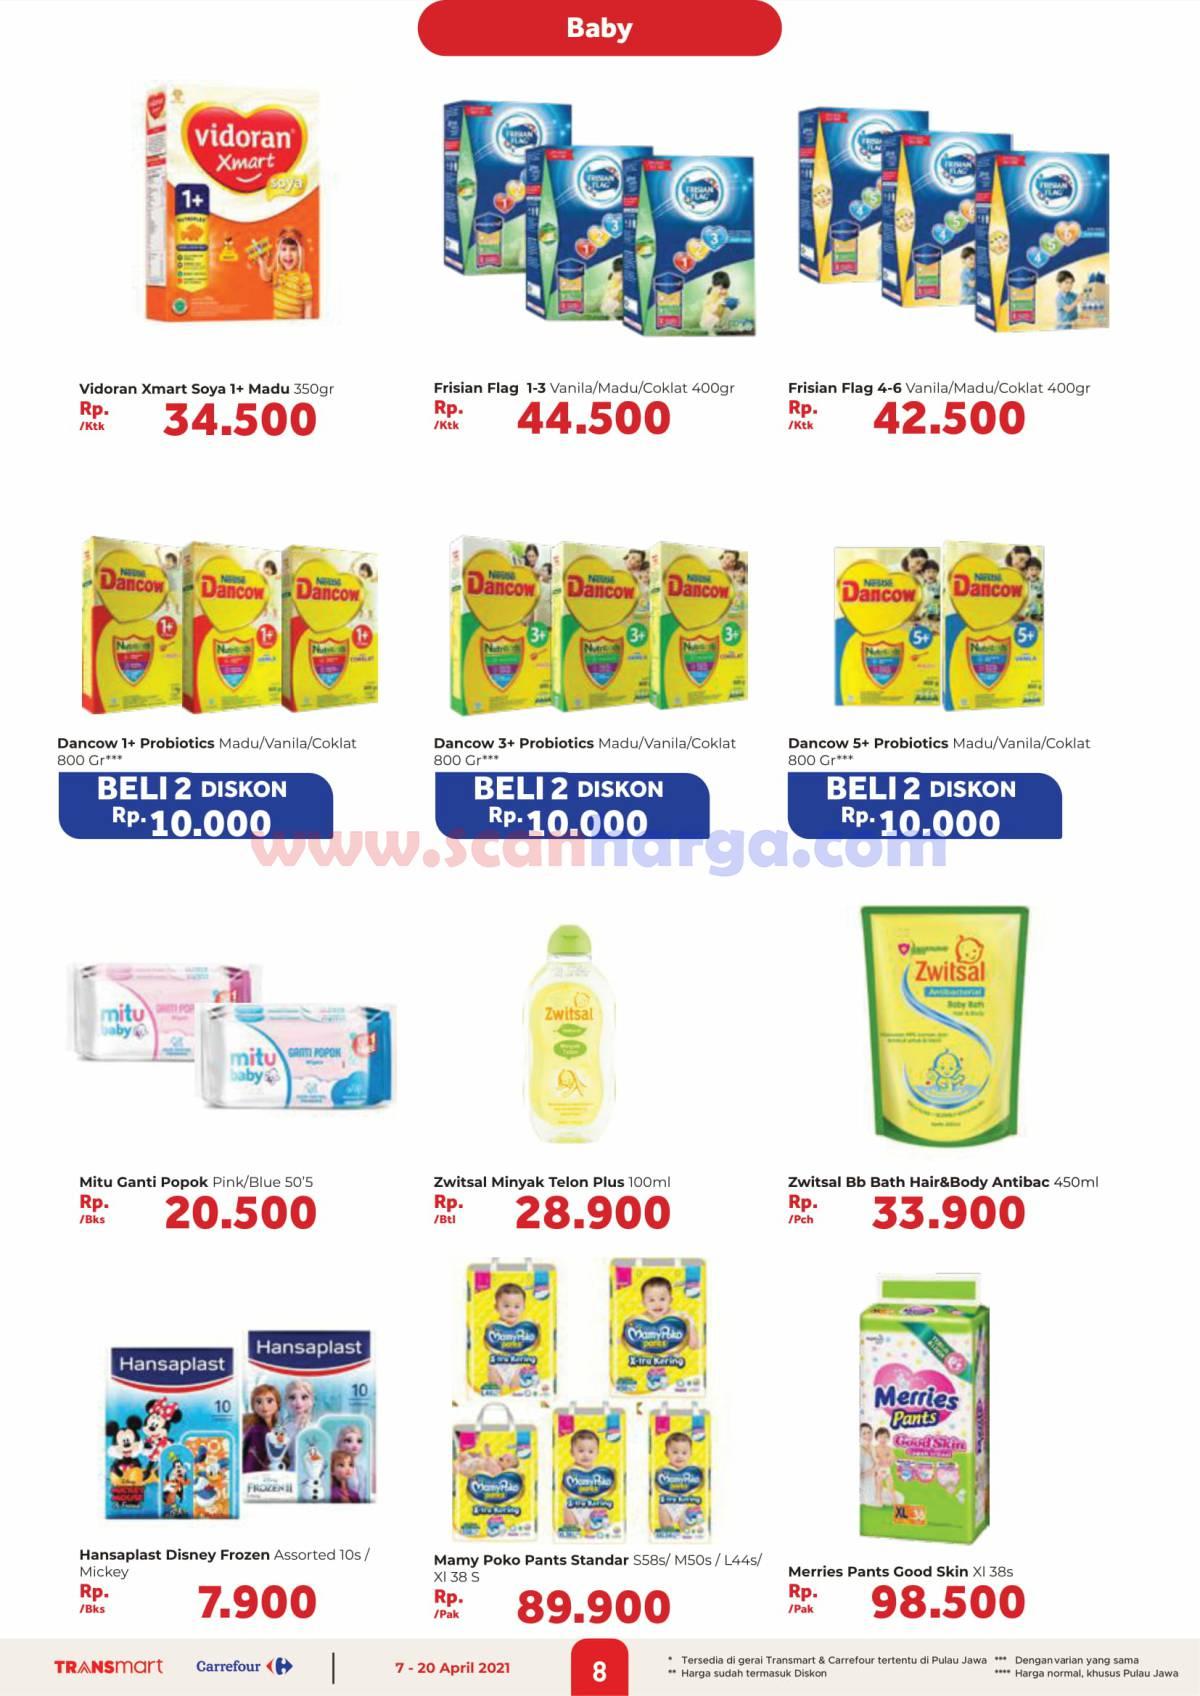 Katalog Promo Carrefour Transmart 7 - 20 April 2021 8